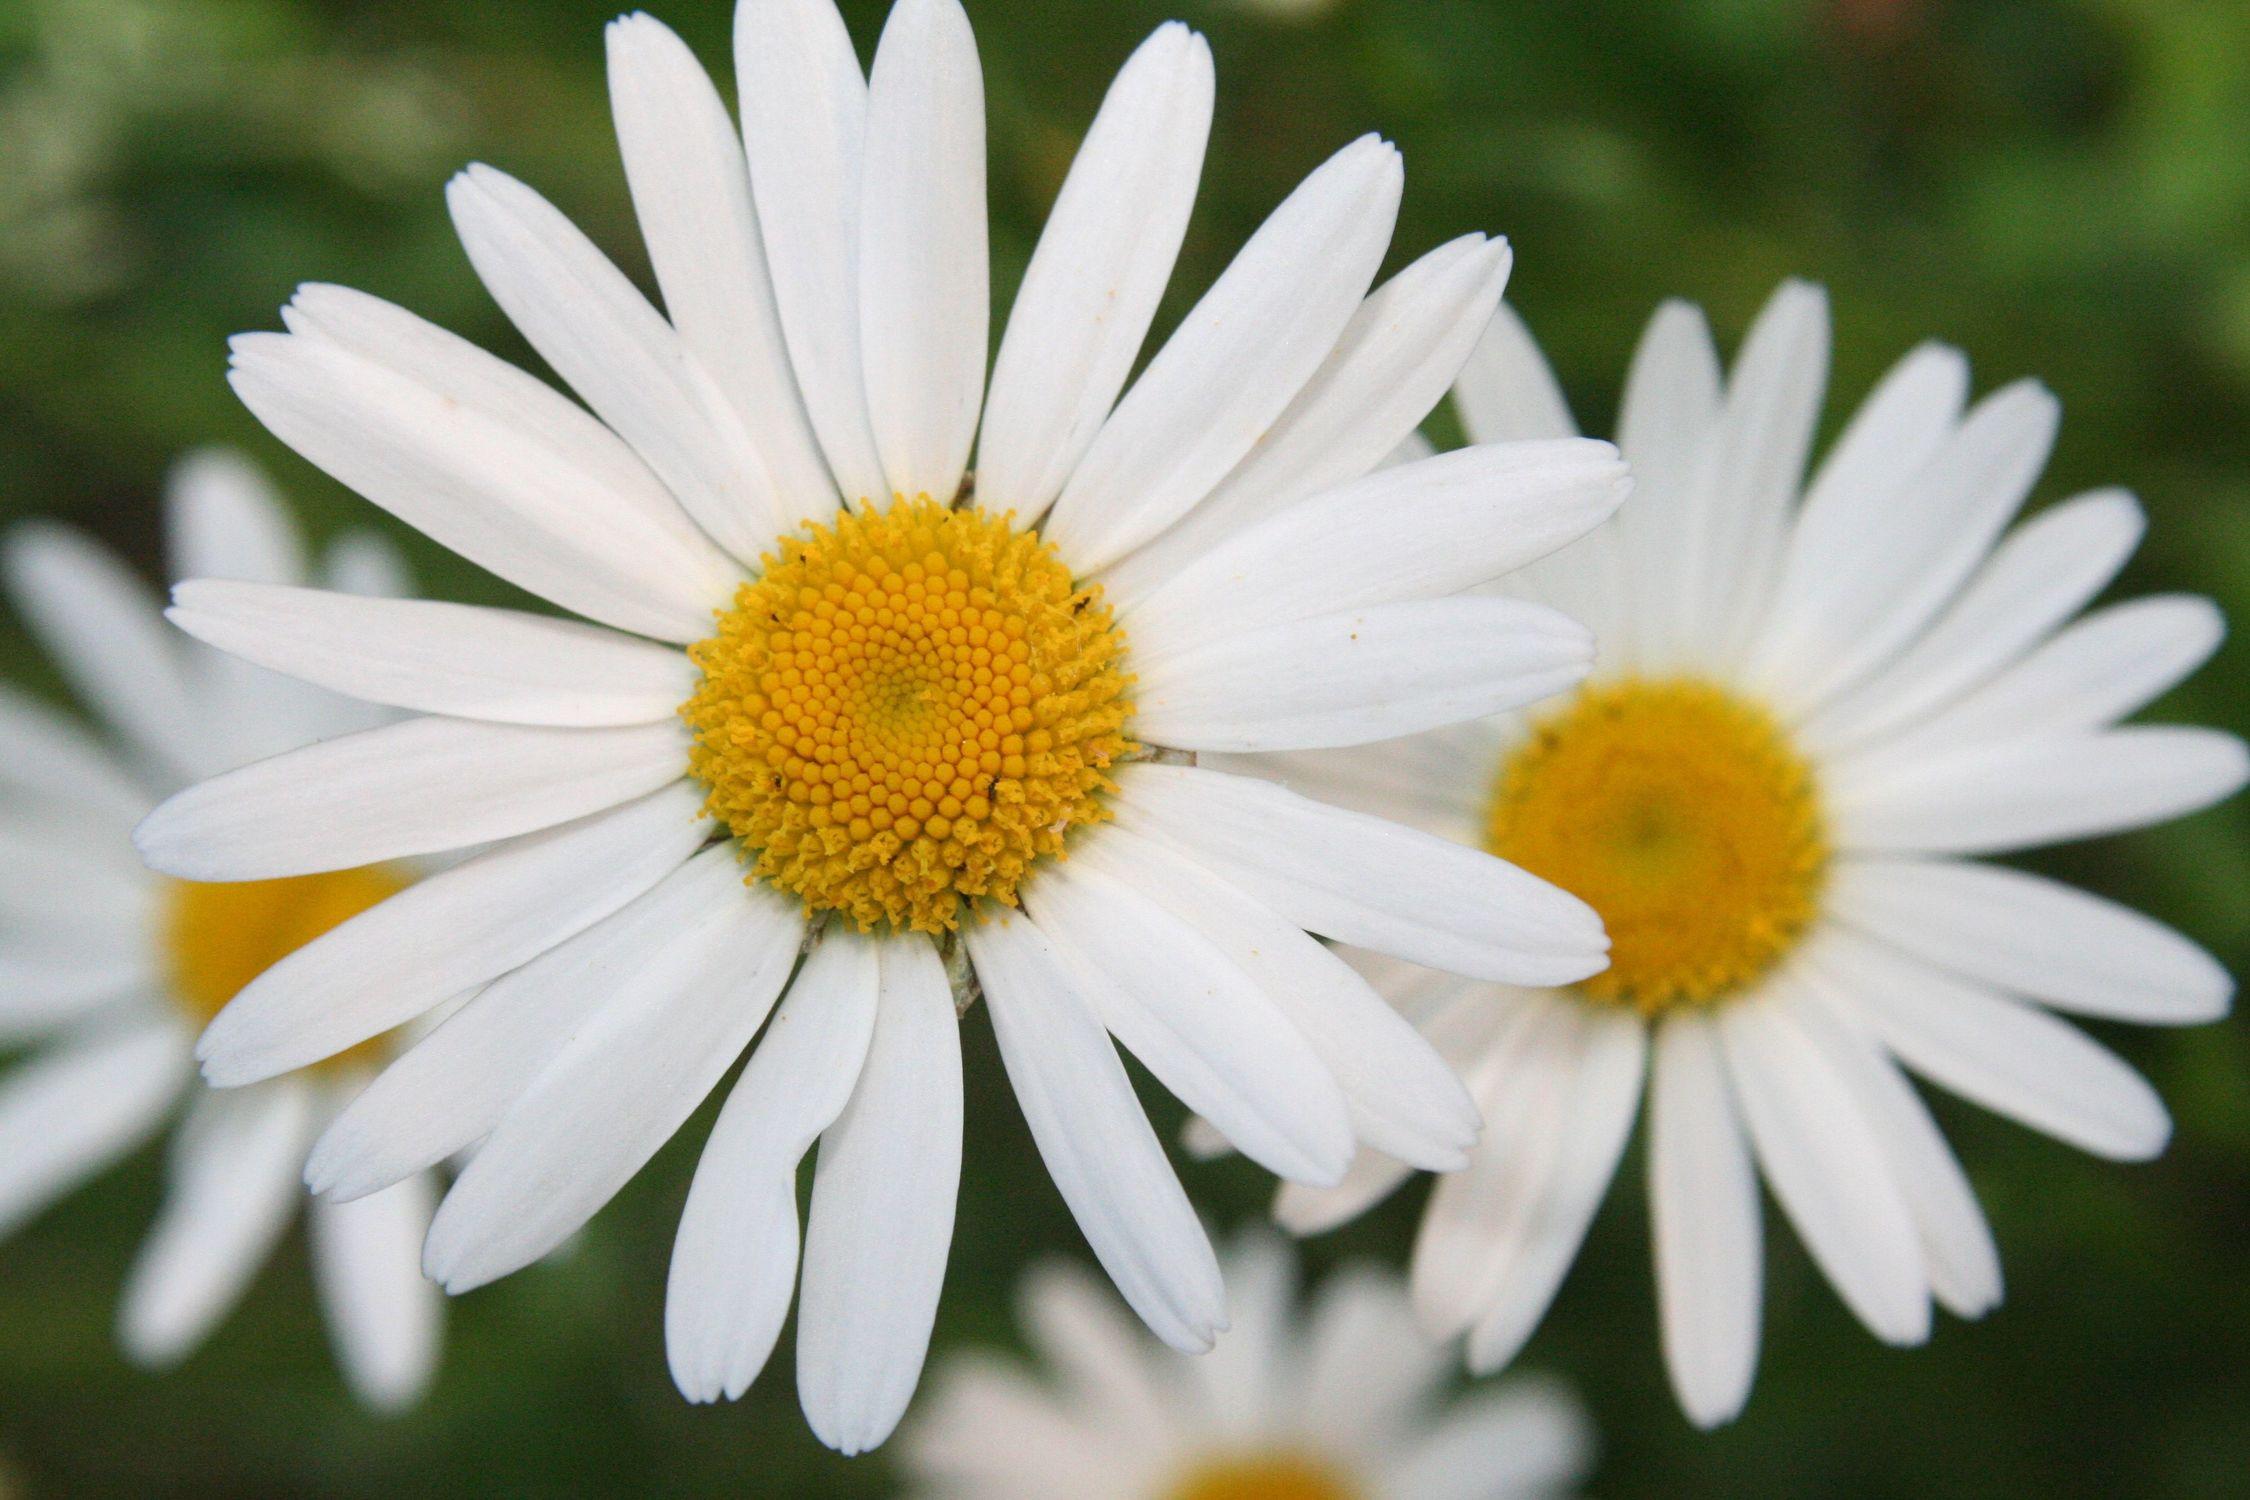 Bild mit Natur, Pflanzen, Blumen, Weiß, Frühling, Blume, Margerite, Blüten, blüte, Mageriten